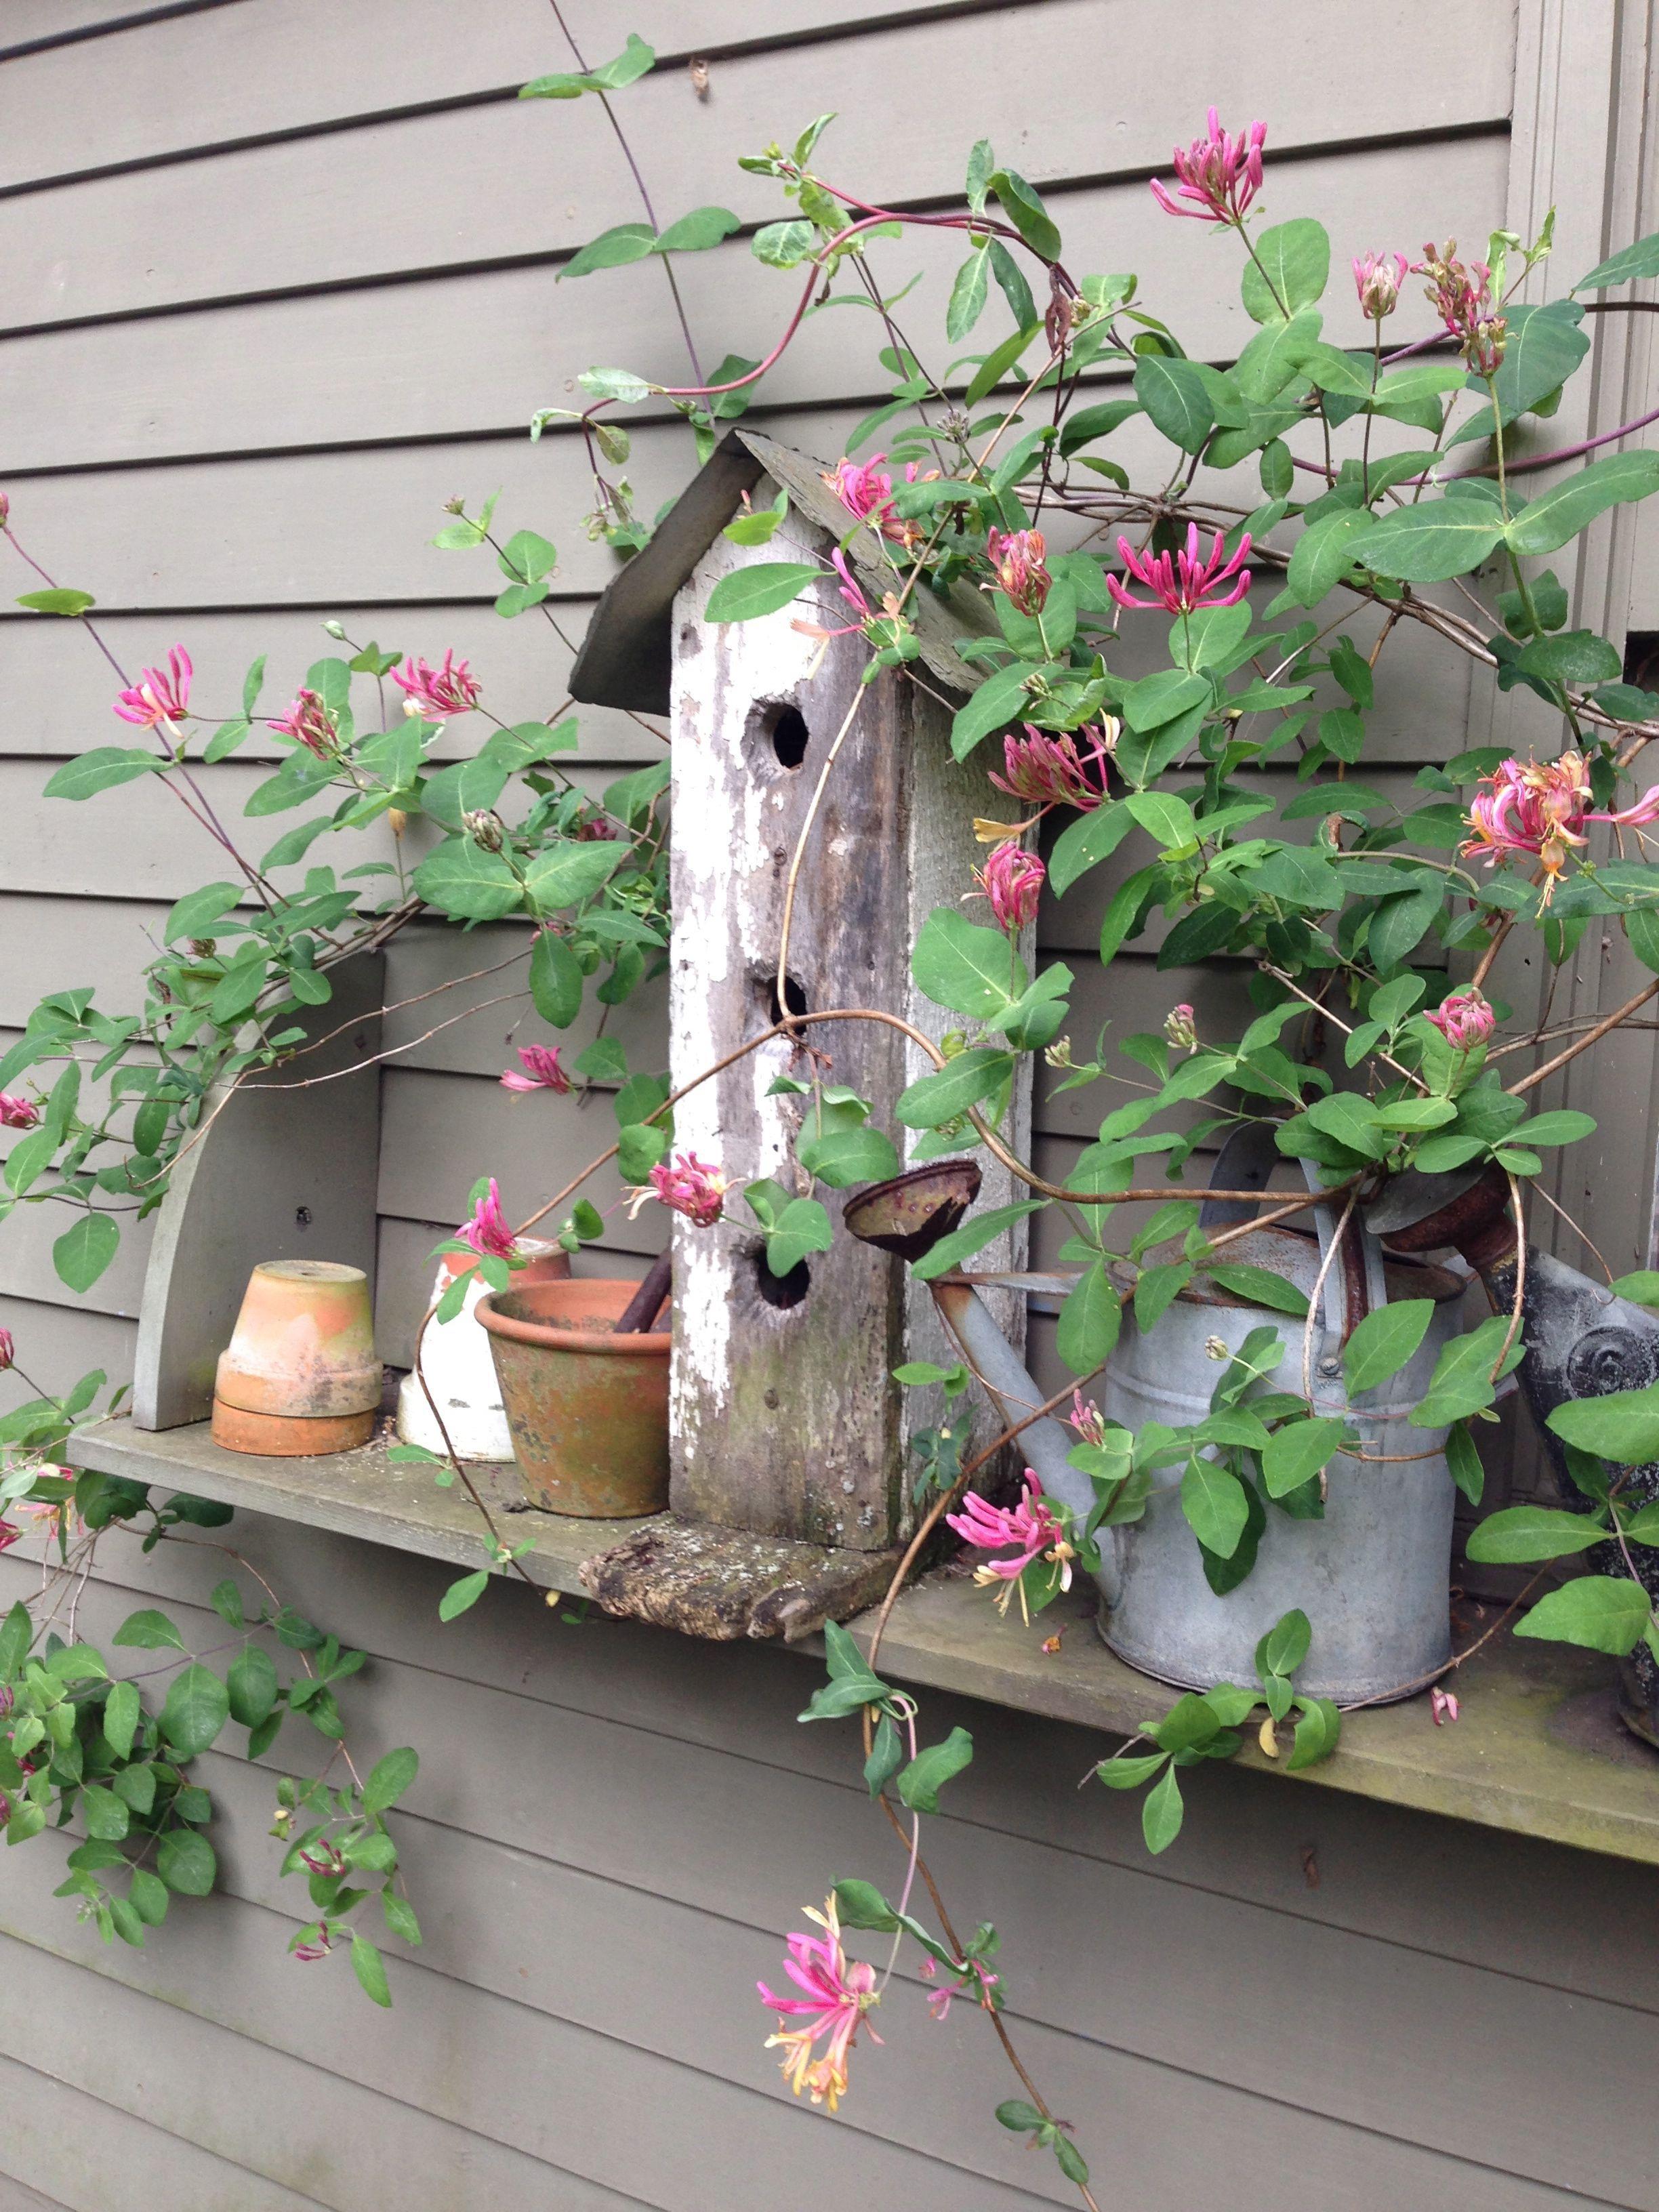 Rustic birdhouseinu on a shelf jardines casa pajaros